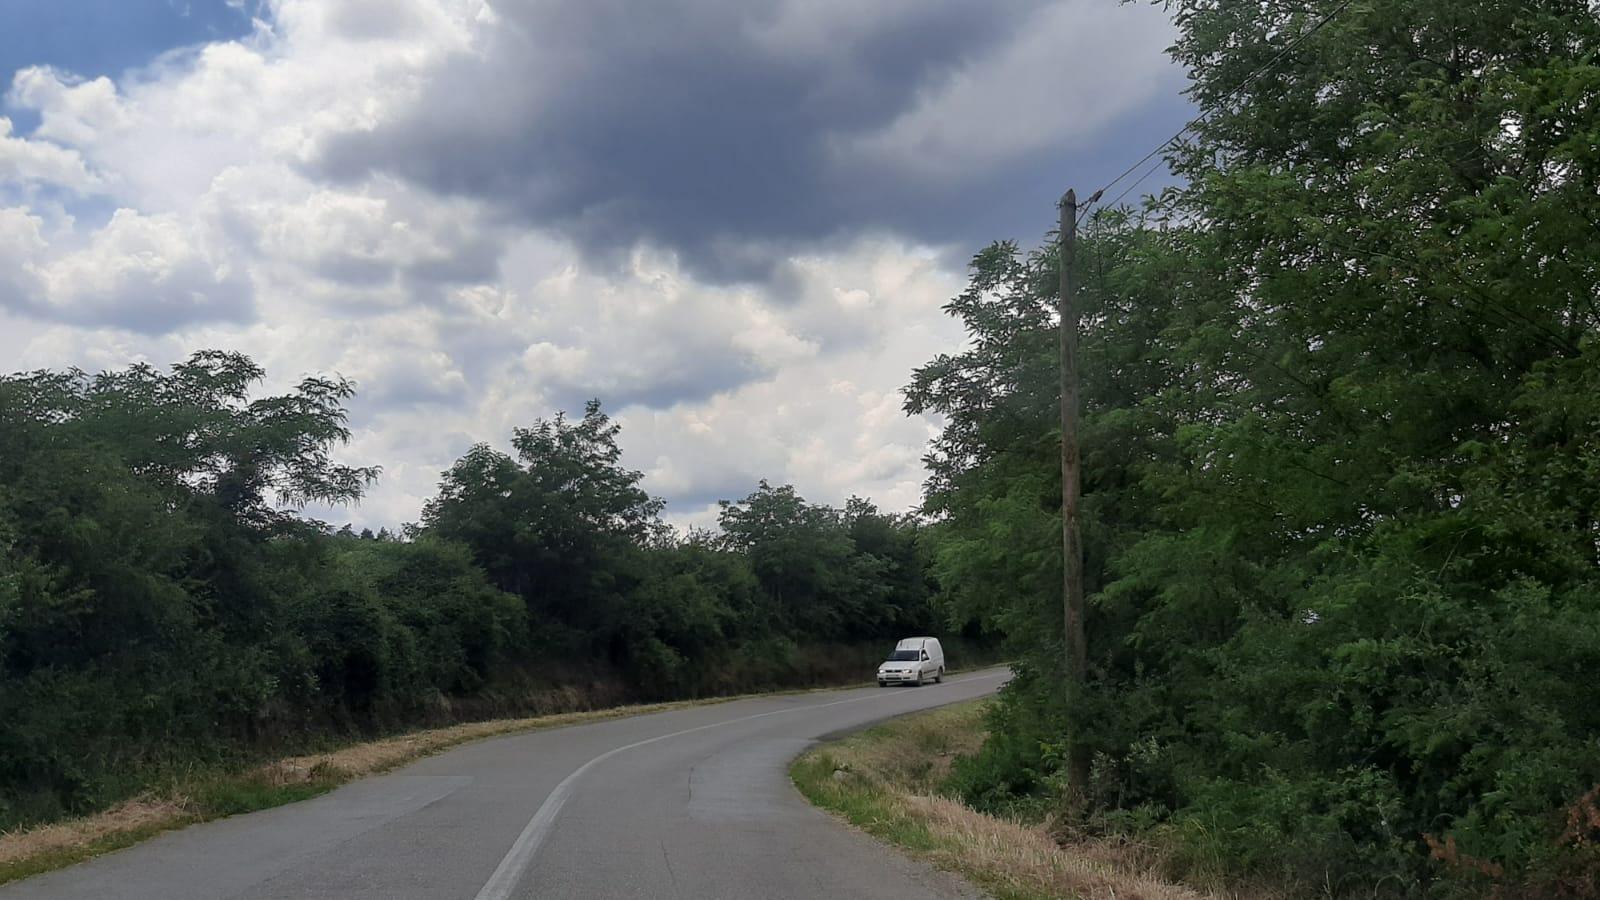 Слаба и умерена киша у неким деловима Србије, поподне више возила на путевима